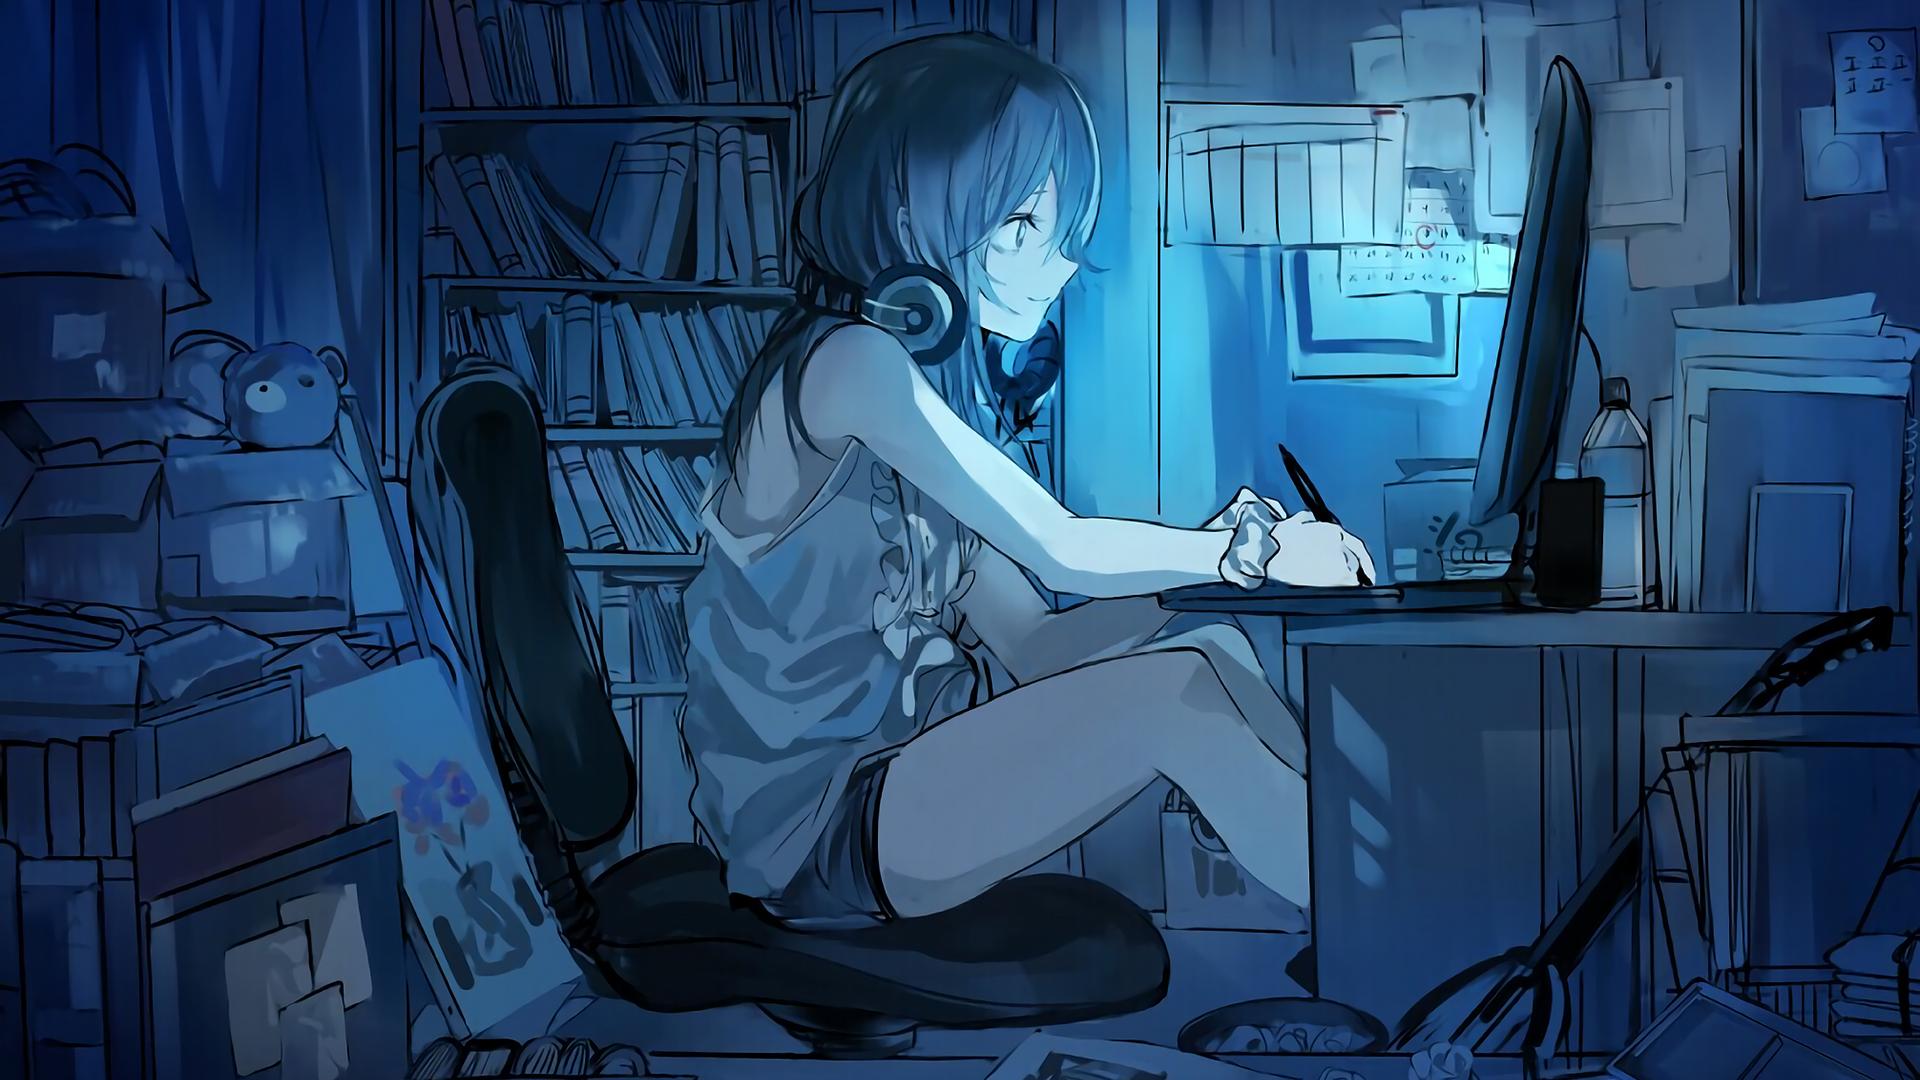 Shinobu Oshino Bakemonogatari wallpaper Anime wallpaper